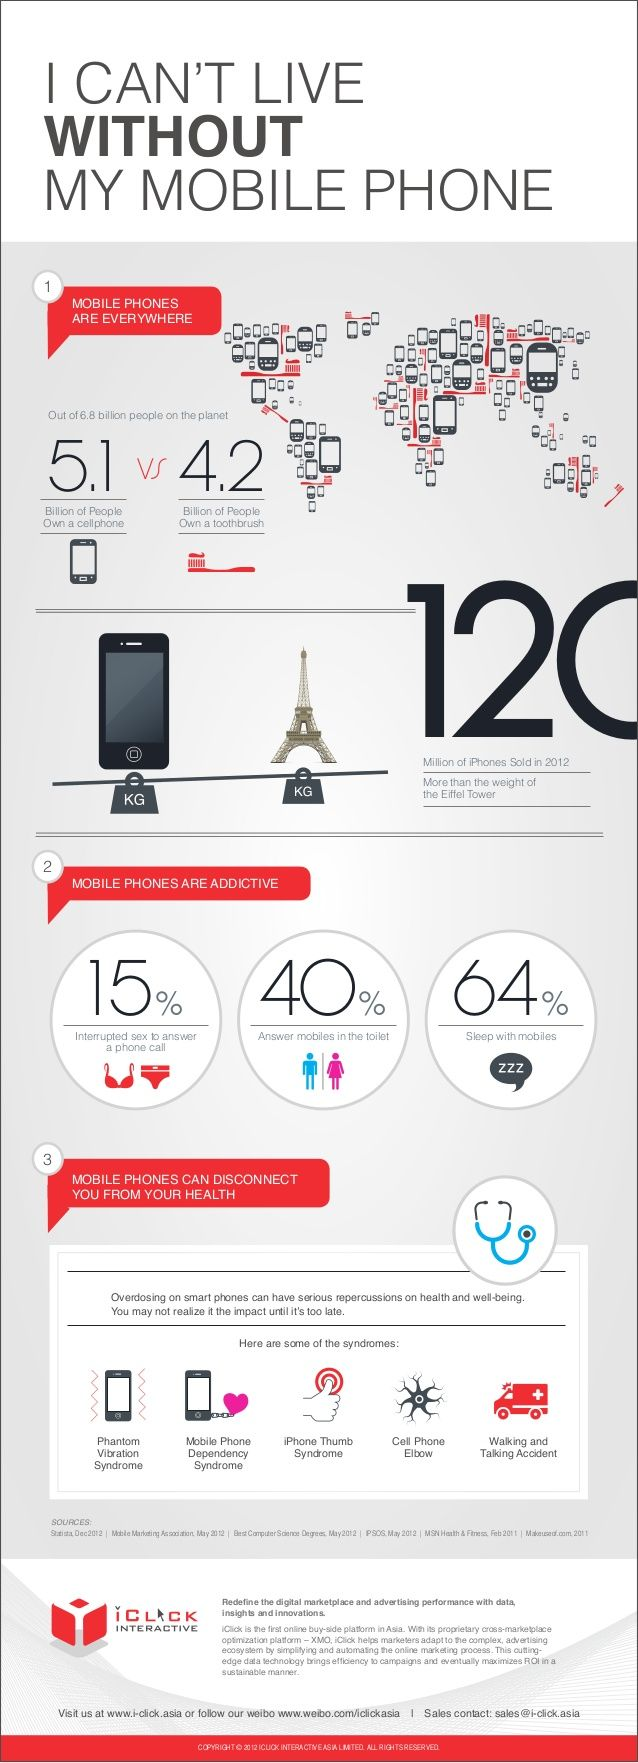 Addiction aux smartphones : les chiffres et les risques…  Fait surprenant, le monde compte plus de détenteurs de téléphones mobiles (5,1 milliards d'individus) que de personnes ayant une brosse à dent (4,2 milliards). Ironiquement, les 120 millions d'iPhones vendus en 2012 pèsent davantage que la tour Eiffel.